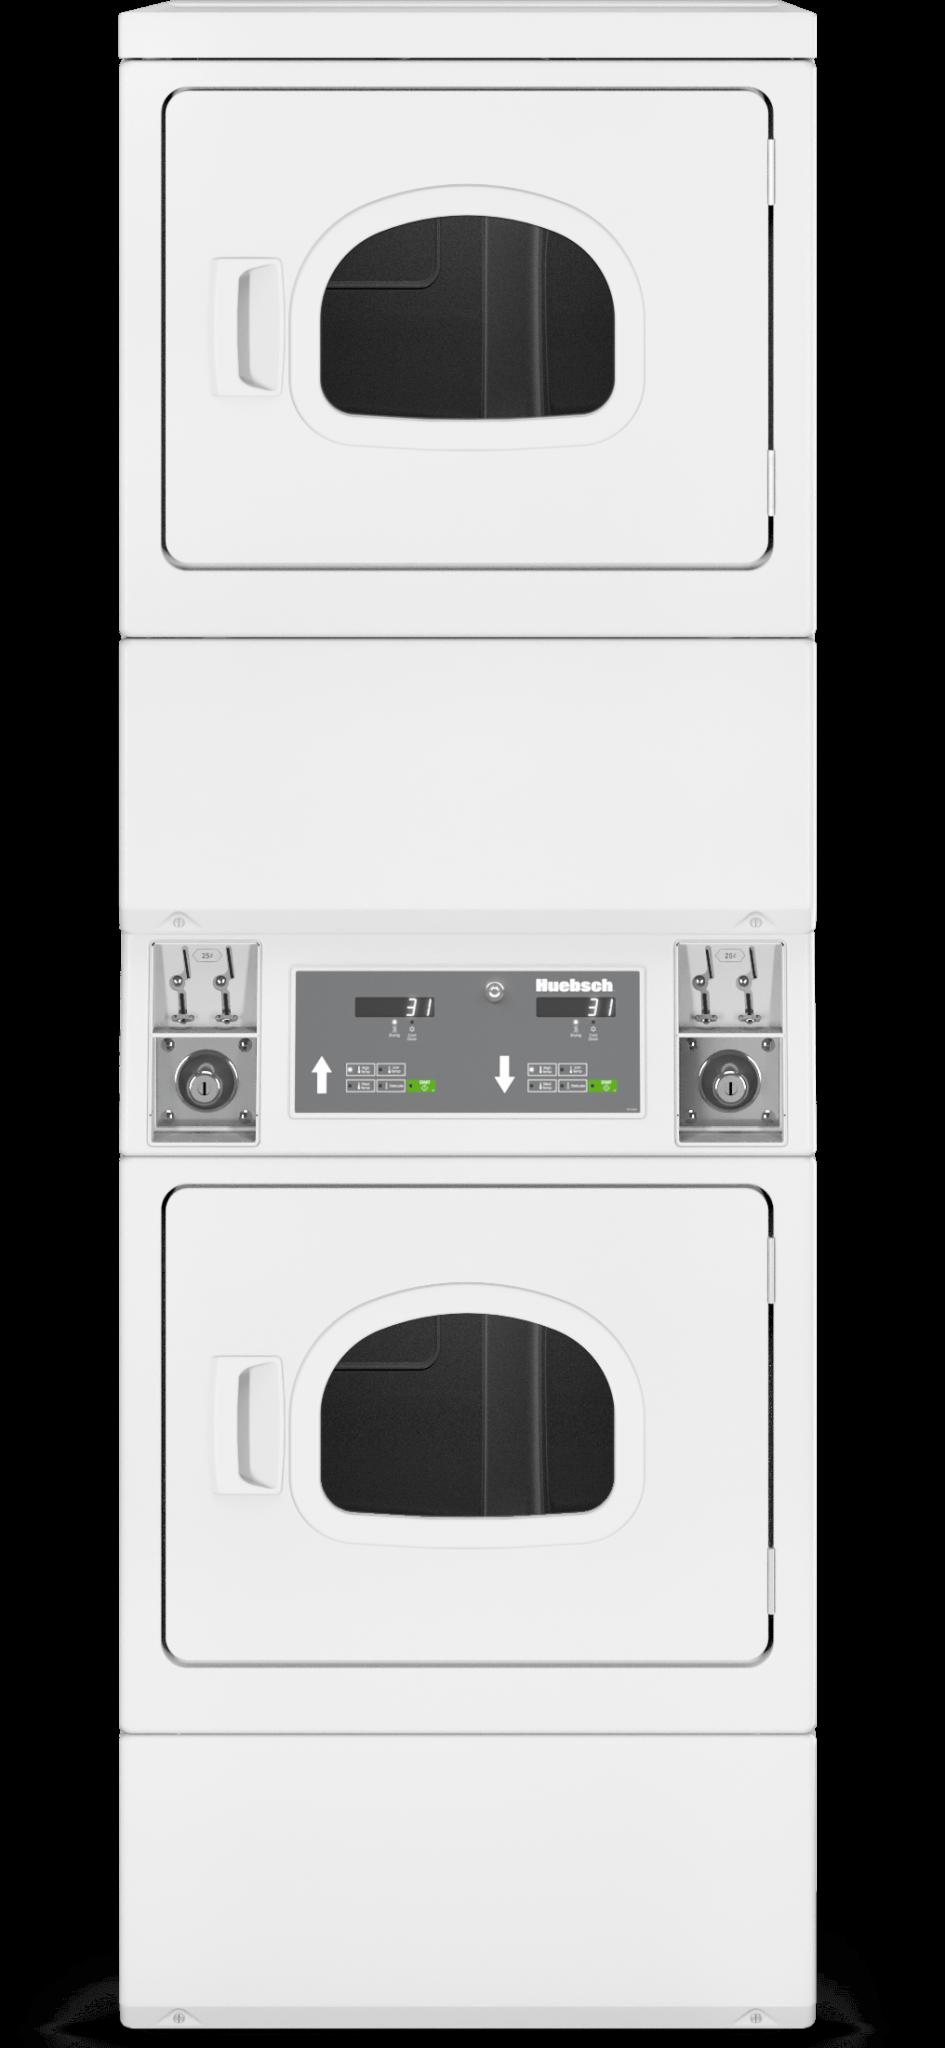 Huebsch Stacked Dryer